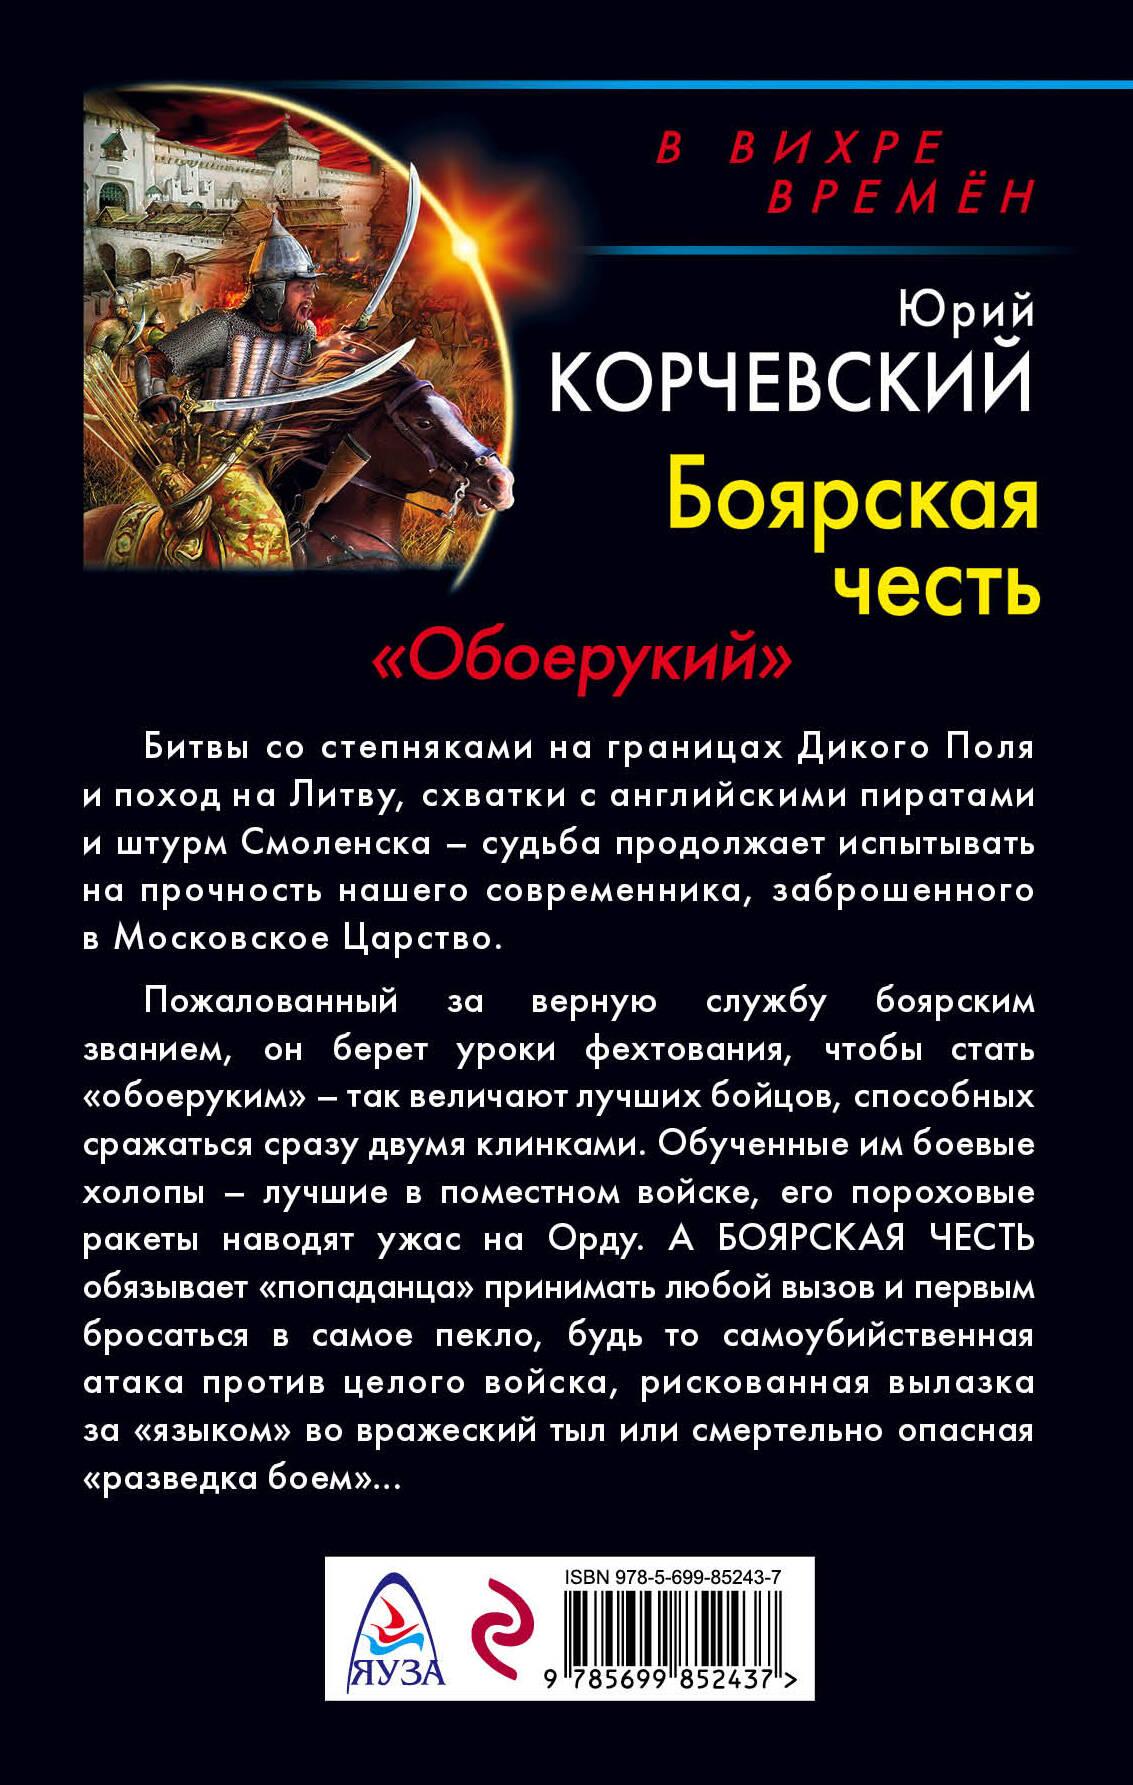 Книга боярская честь